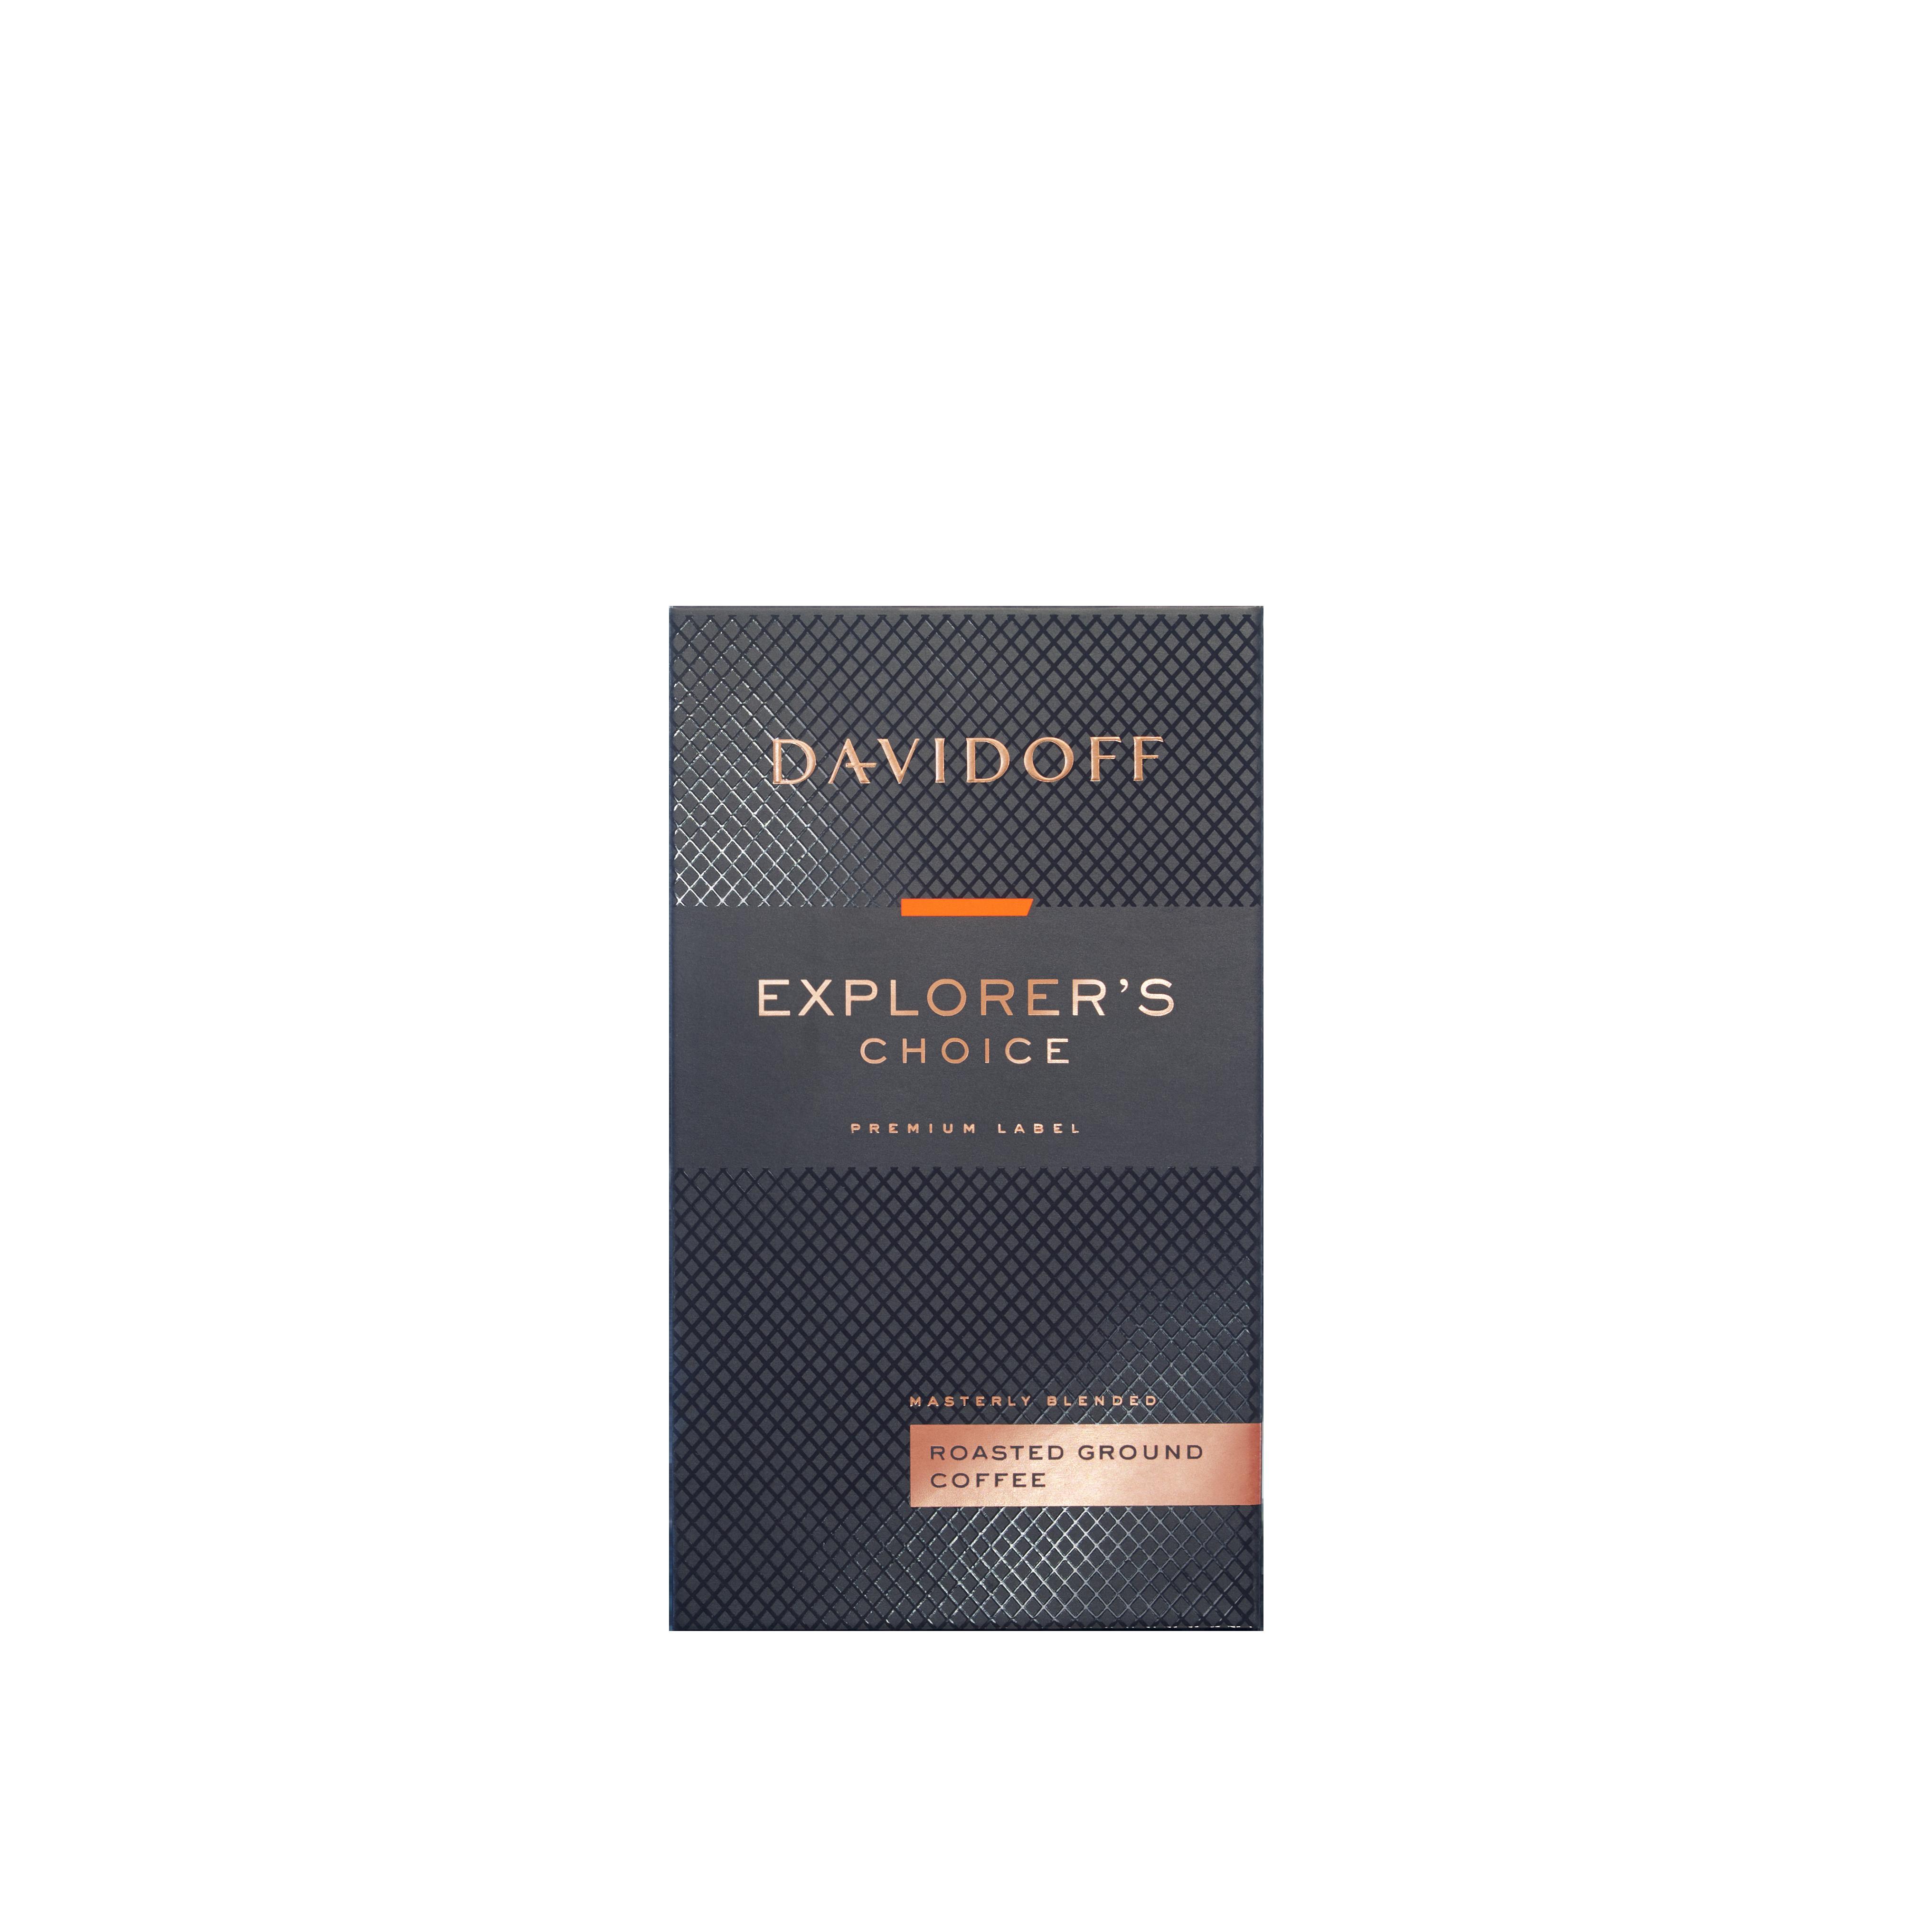 Davidoff Café Explorer's Choice